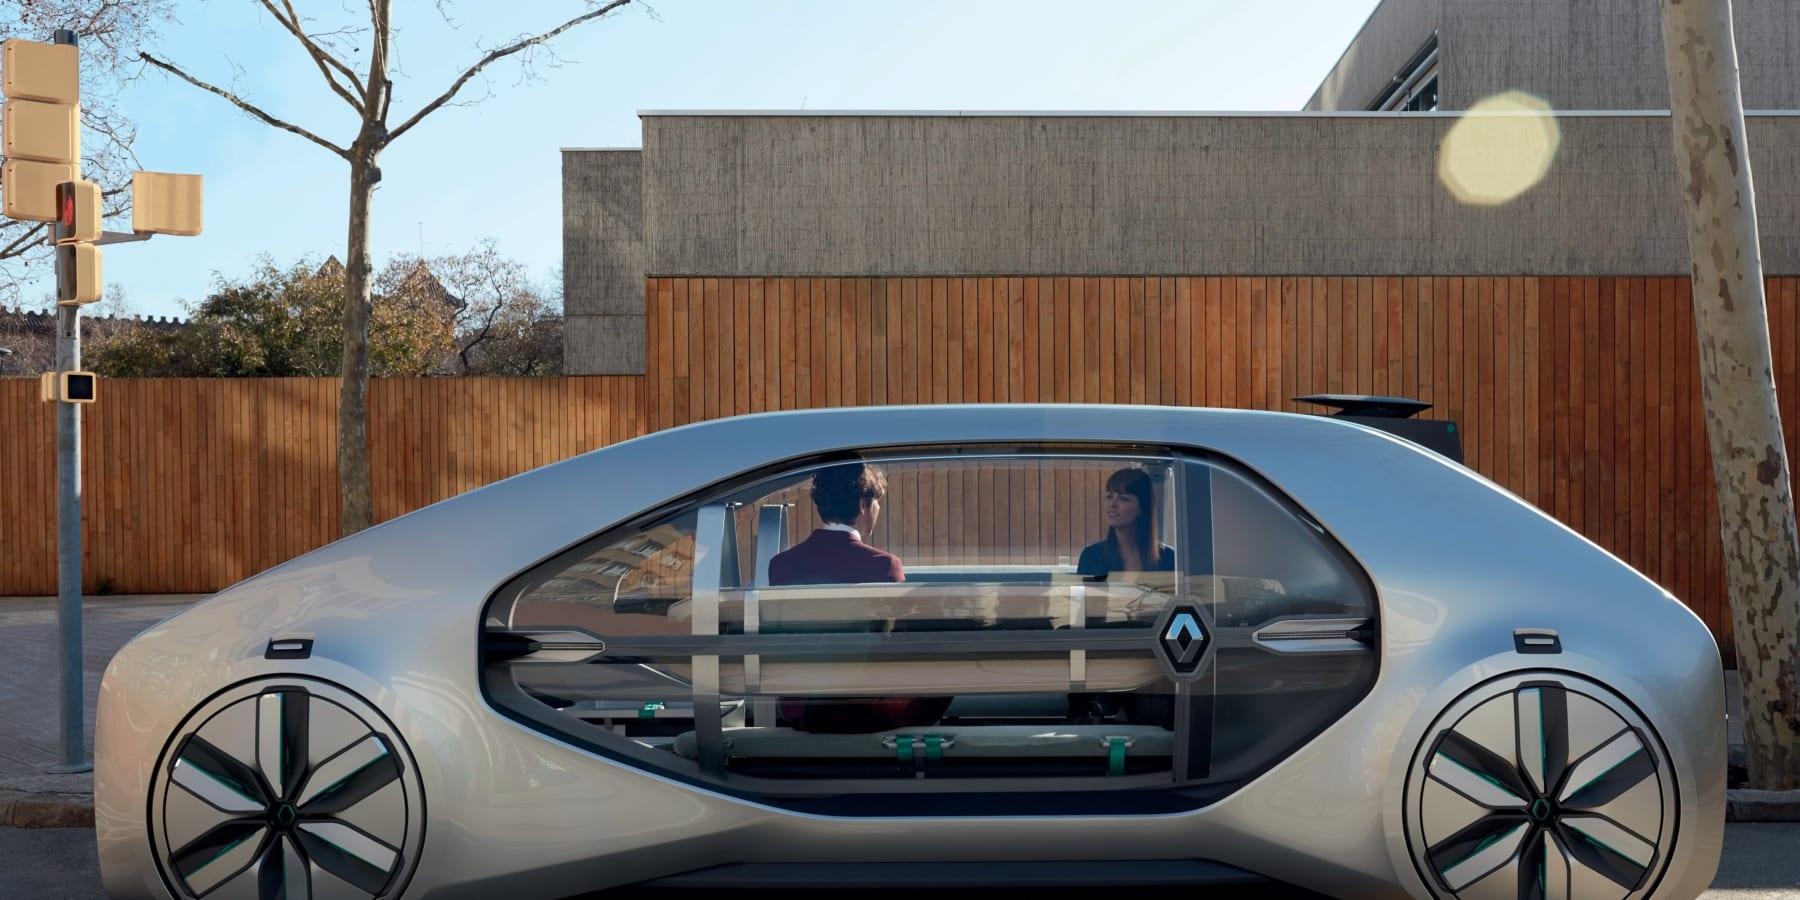 ルノーが提案する、未来の都市モビリティを創造する電気自動運転車「EZ-GO」